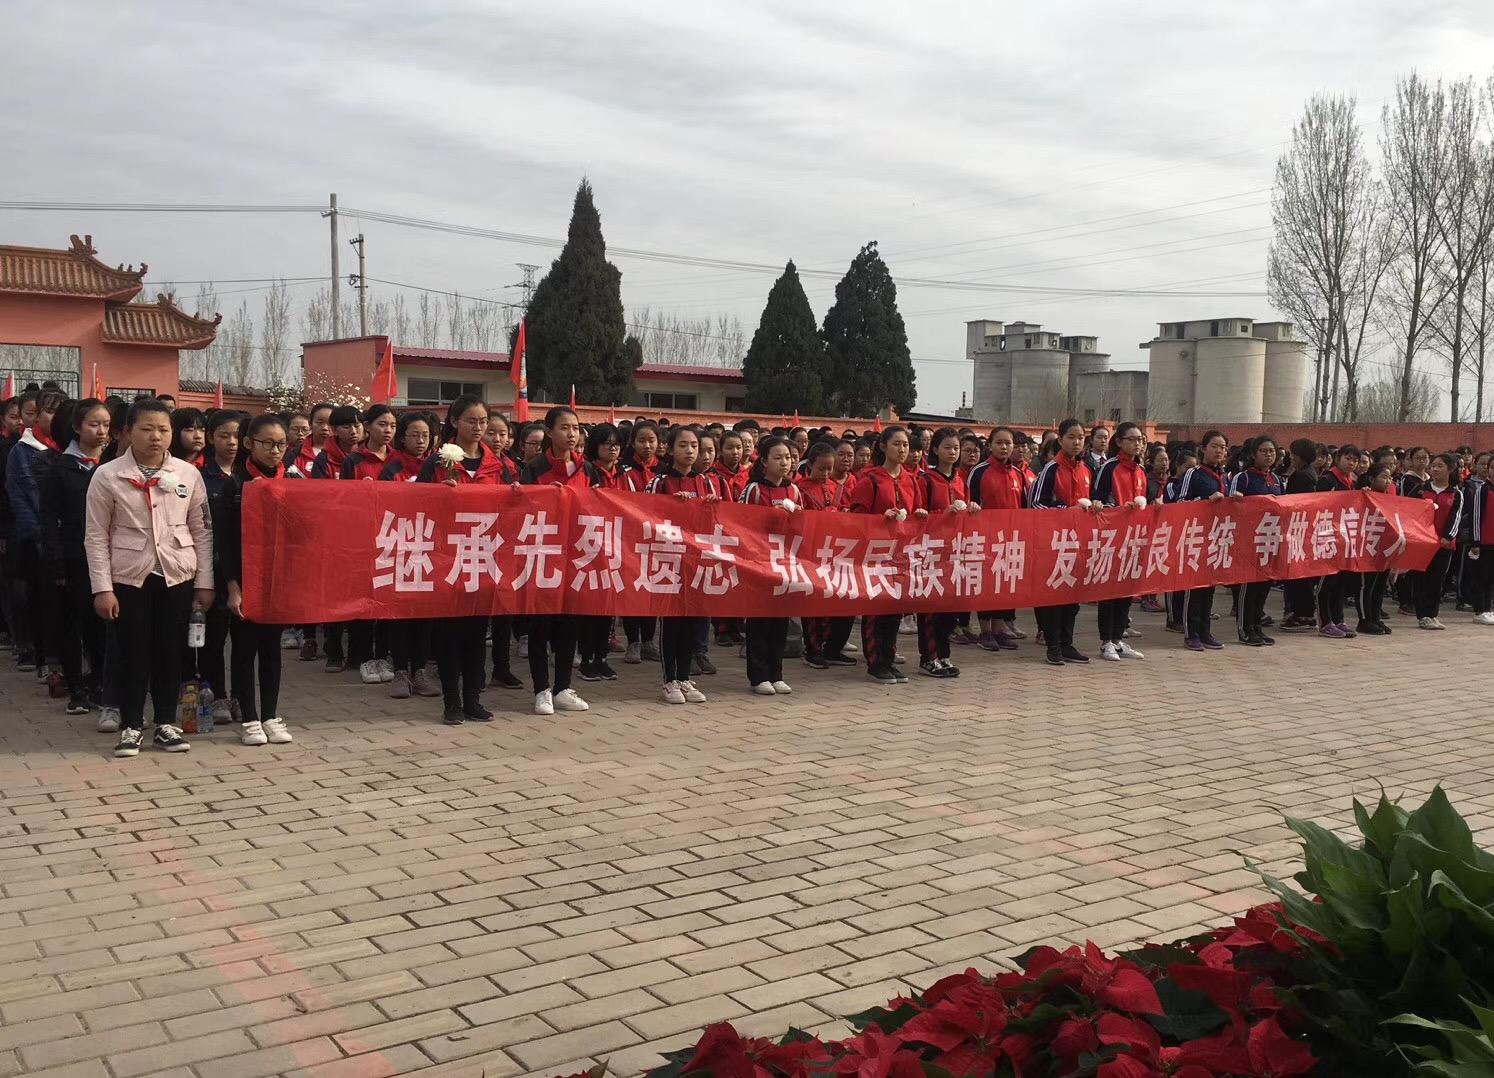 涿州市关工委开展清明节祭扫烈士墓活动